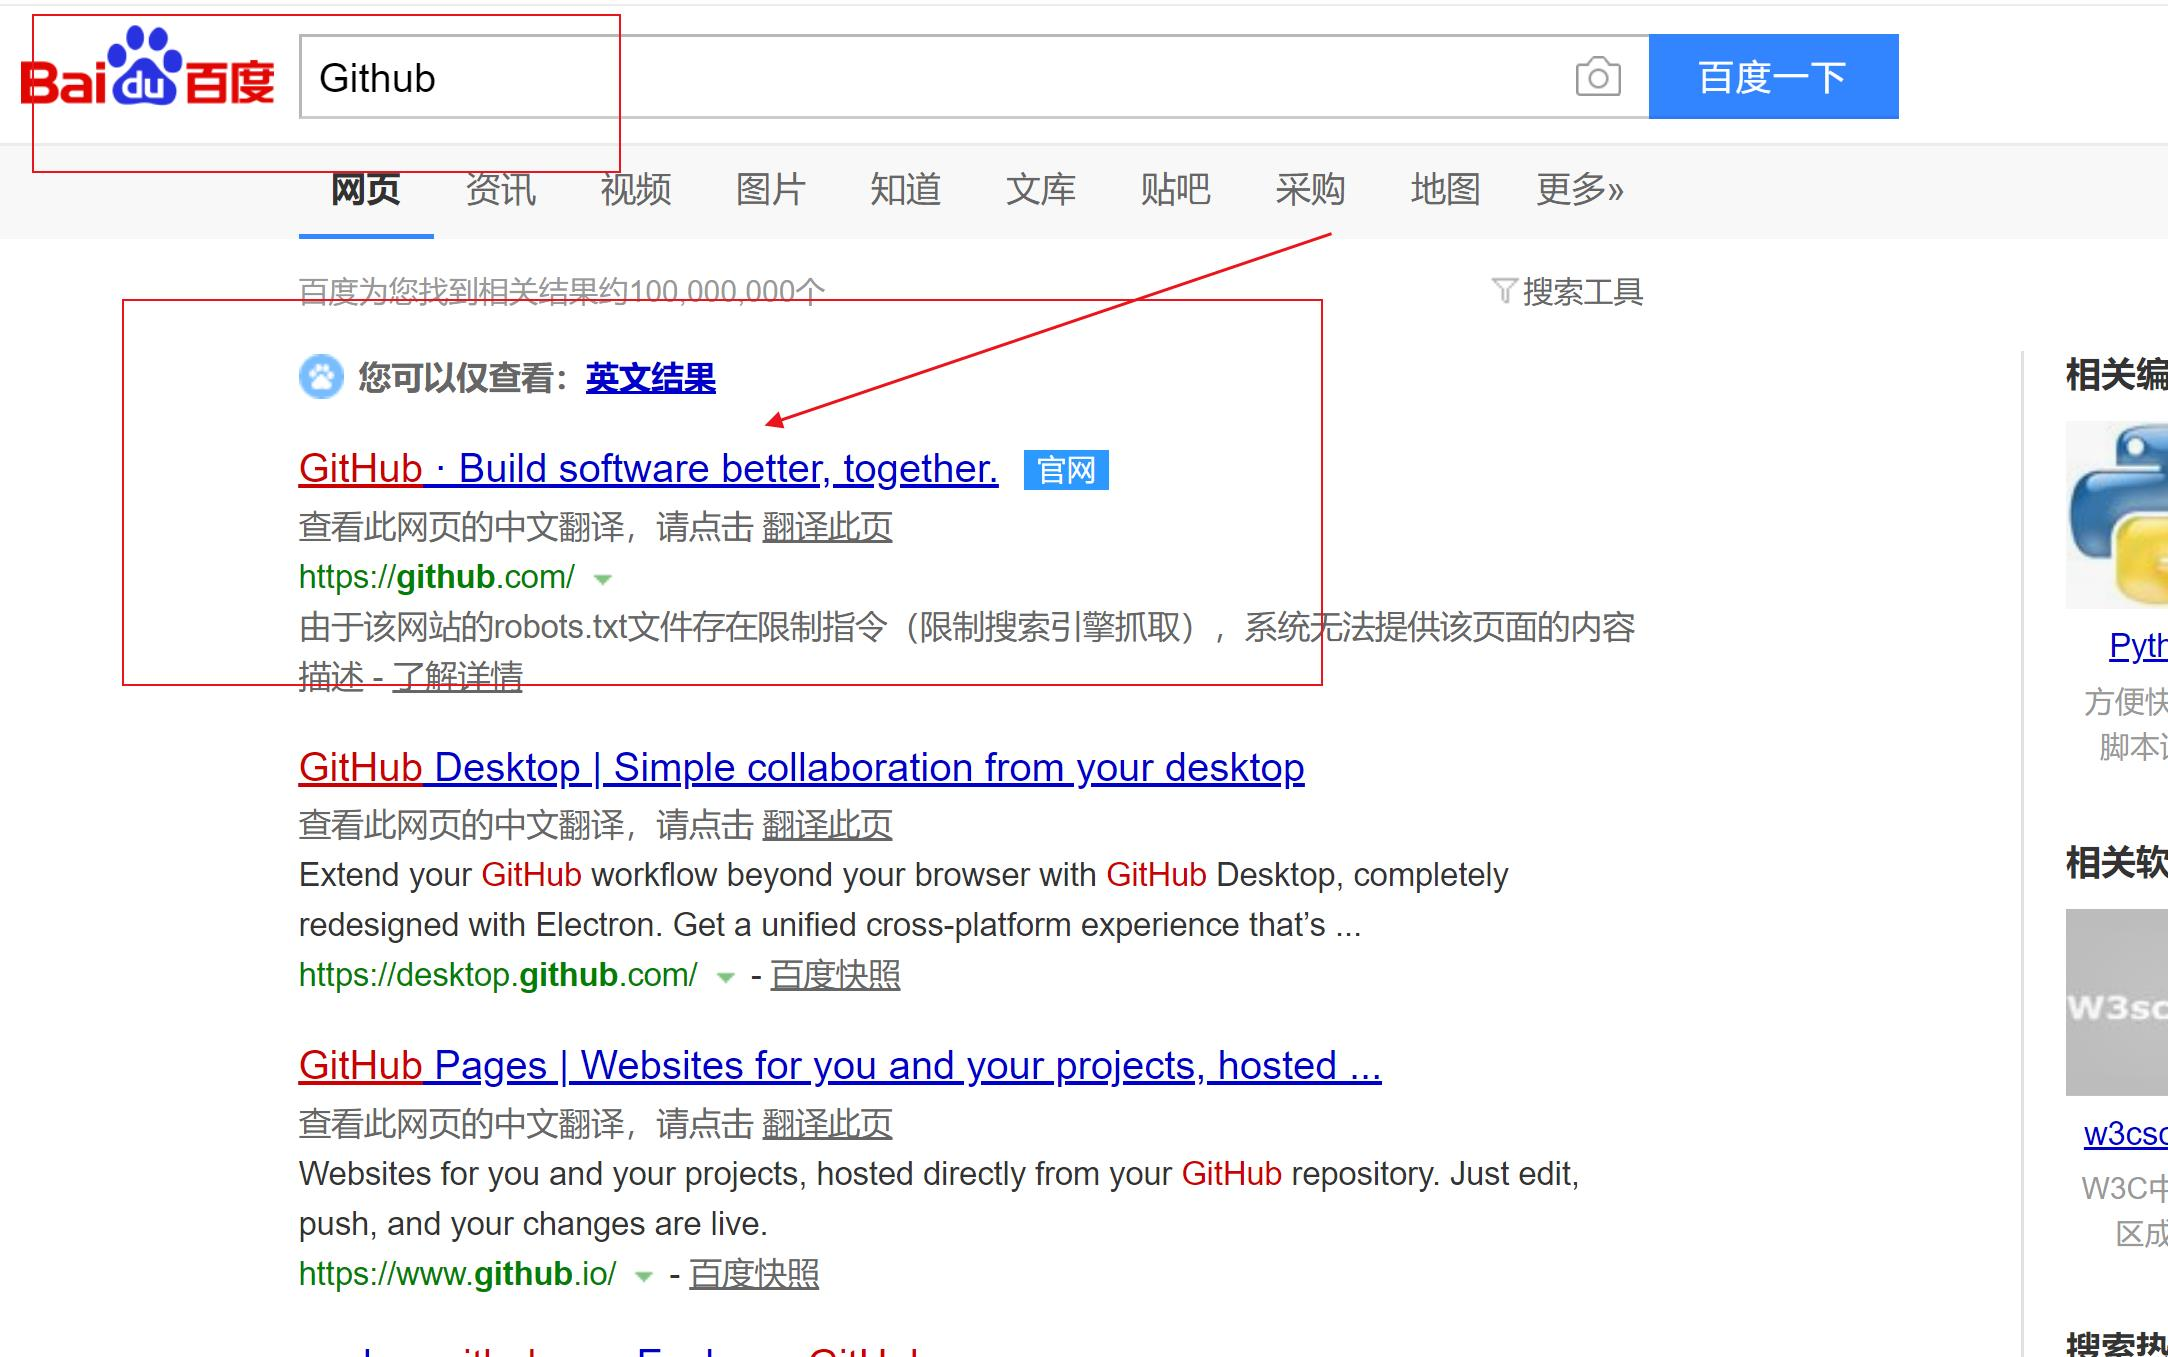 【IntelliJ IDEA】如何汉化成简体中文|官网